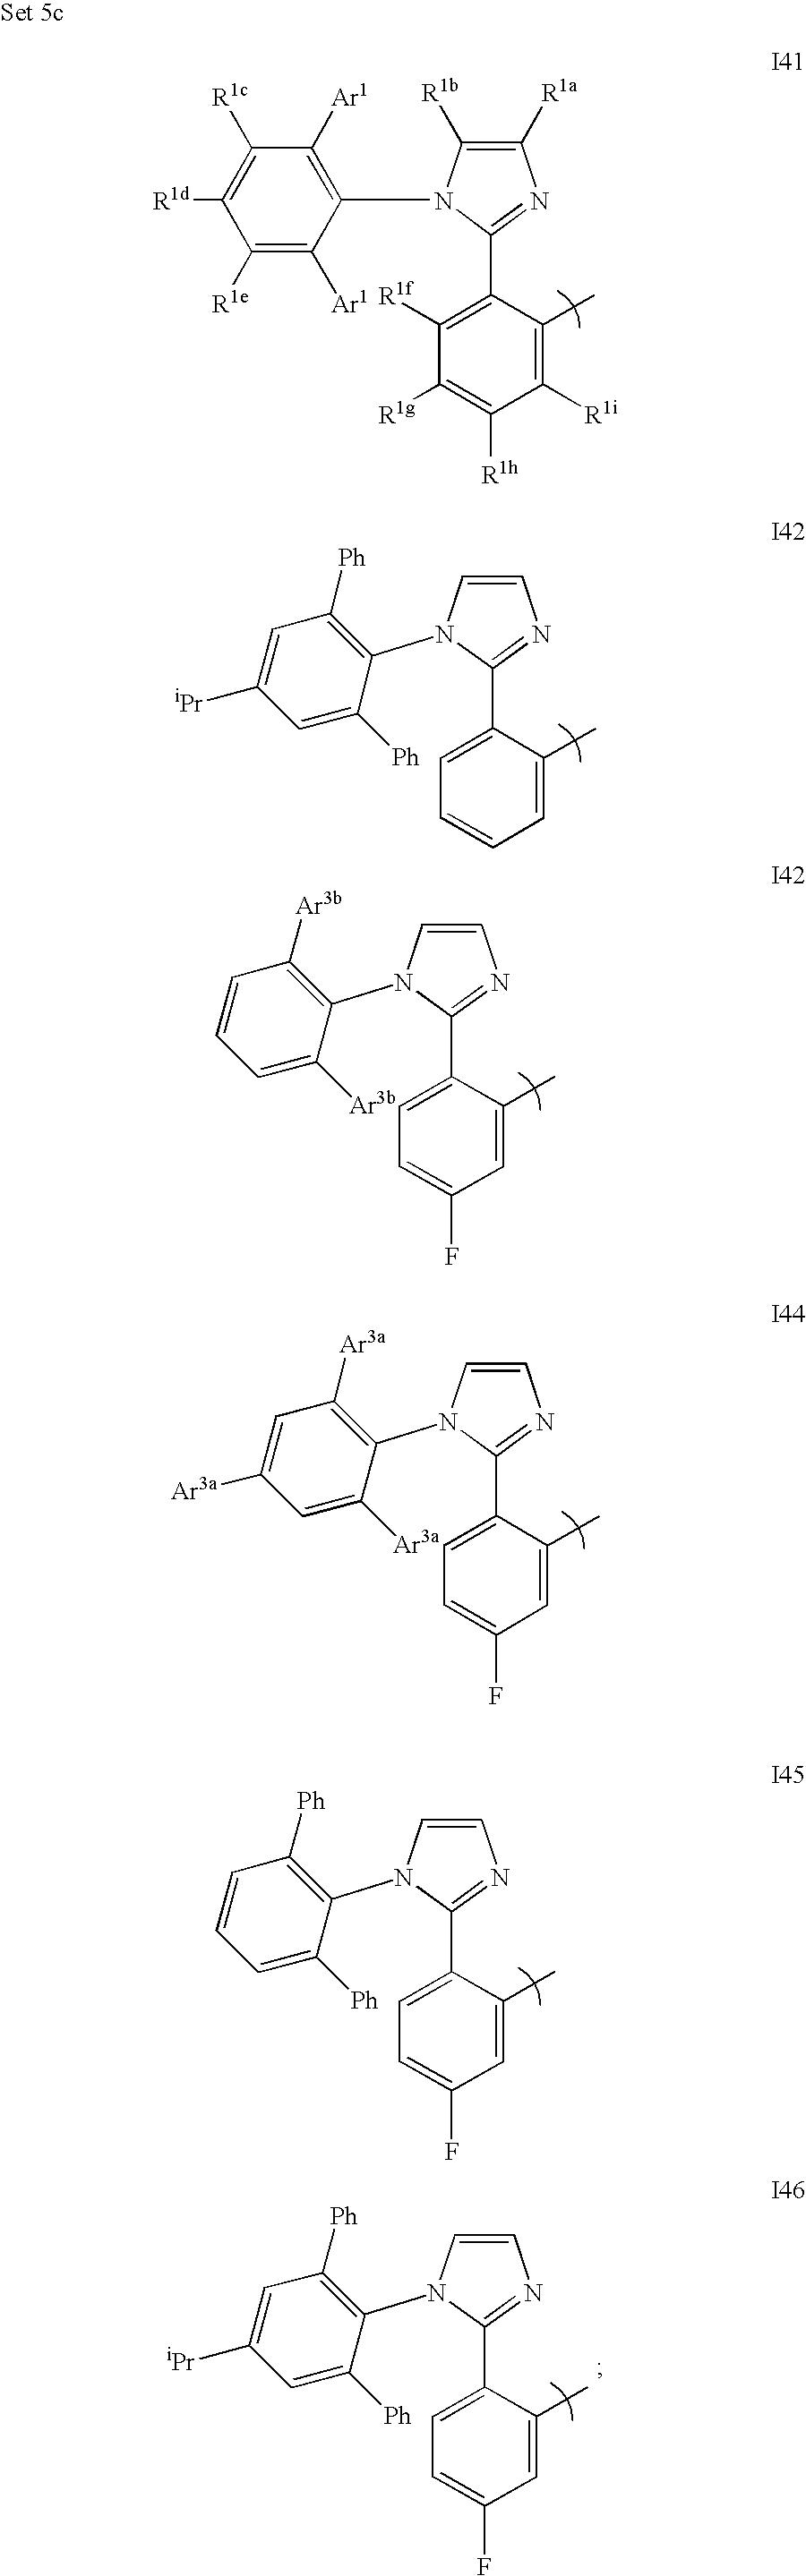 Figure US20060251923A1-20061109-C00012